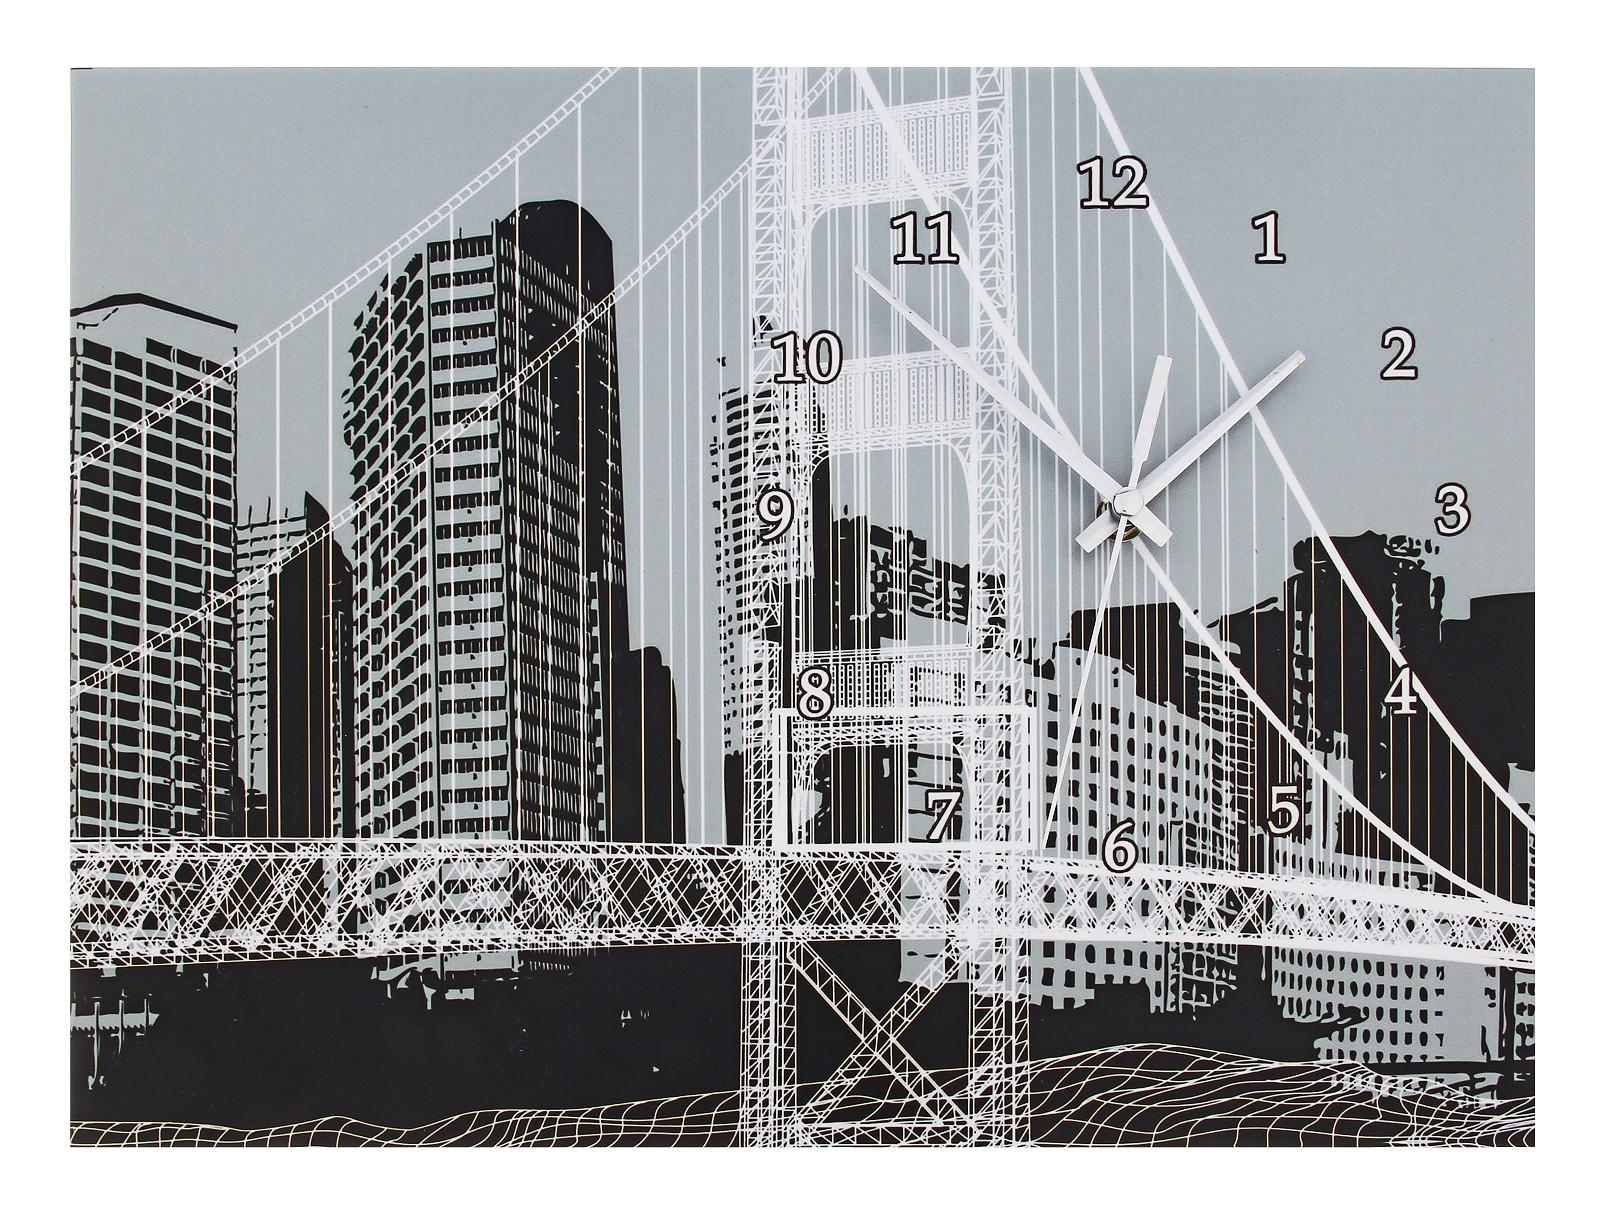 Часы настенные Мост в городе, цвет: мульти. 723293723293Оригинальные настенные часы Мост в городе прямоугольной формы выполнены из МДФ и оформлены изображением моста на фоне города. Часы имеют три стрелки - часовую, минутную и секундную. Циферблат часов не защищен. Необычное дизайнерское решение и качество исполнения придутся по вкусу каждому. Оформите совой дом таким интерьерным аксессуаром или преподнесите его в качестве презента друзьям, и они оценят ваш оригинальный вкус и неординарность подарка. Характеристики: Материал: МДФ, пластик, металл. Размер: 2,5 см x 40 см x 30 см. Размер упаковки: 40,5 см х 30,5 см х 4 см. Артикул: 723293 Работают от батарейки типа АА (в комплект не входит).